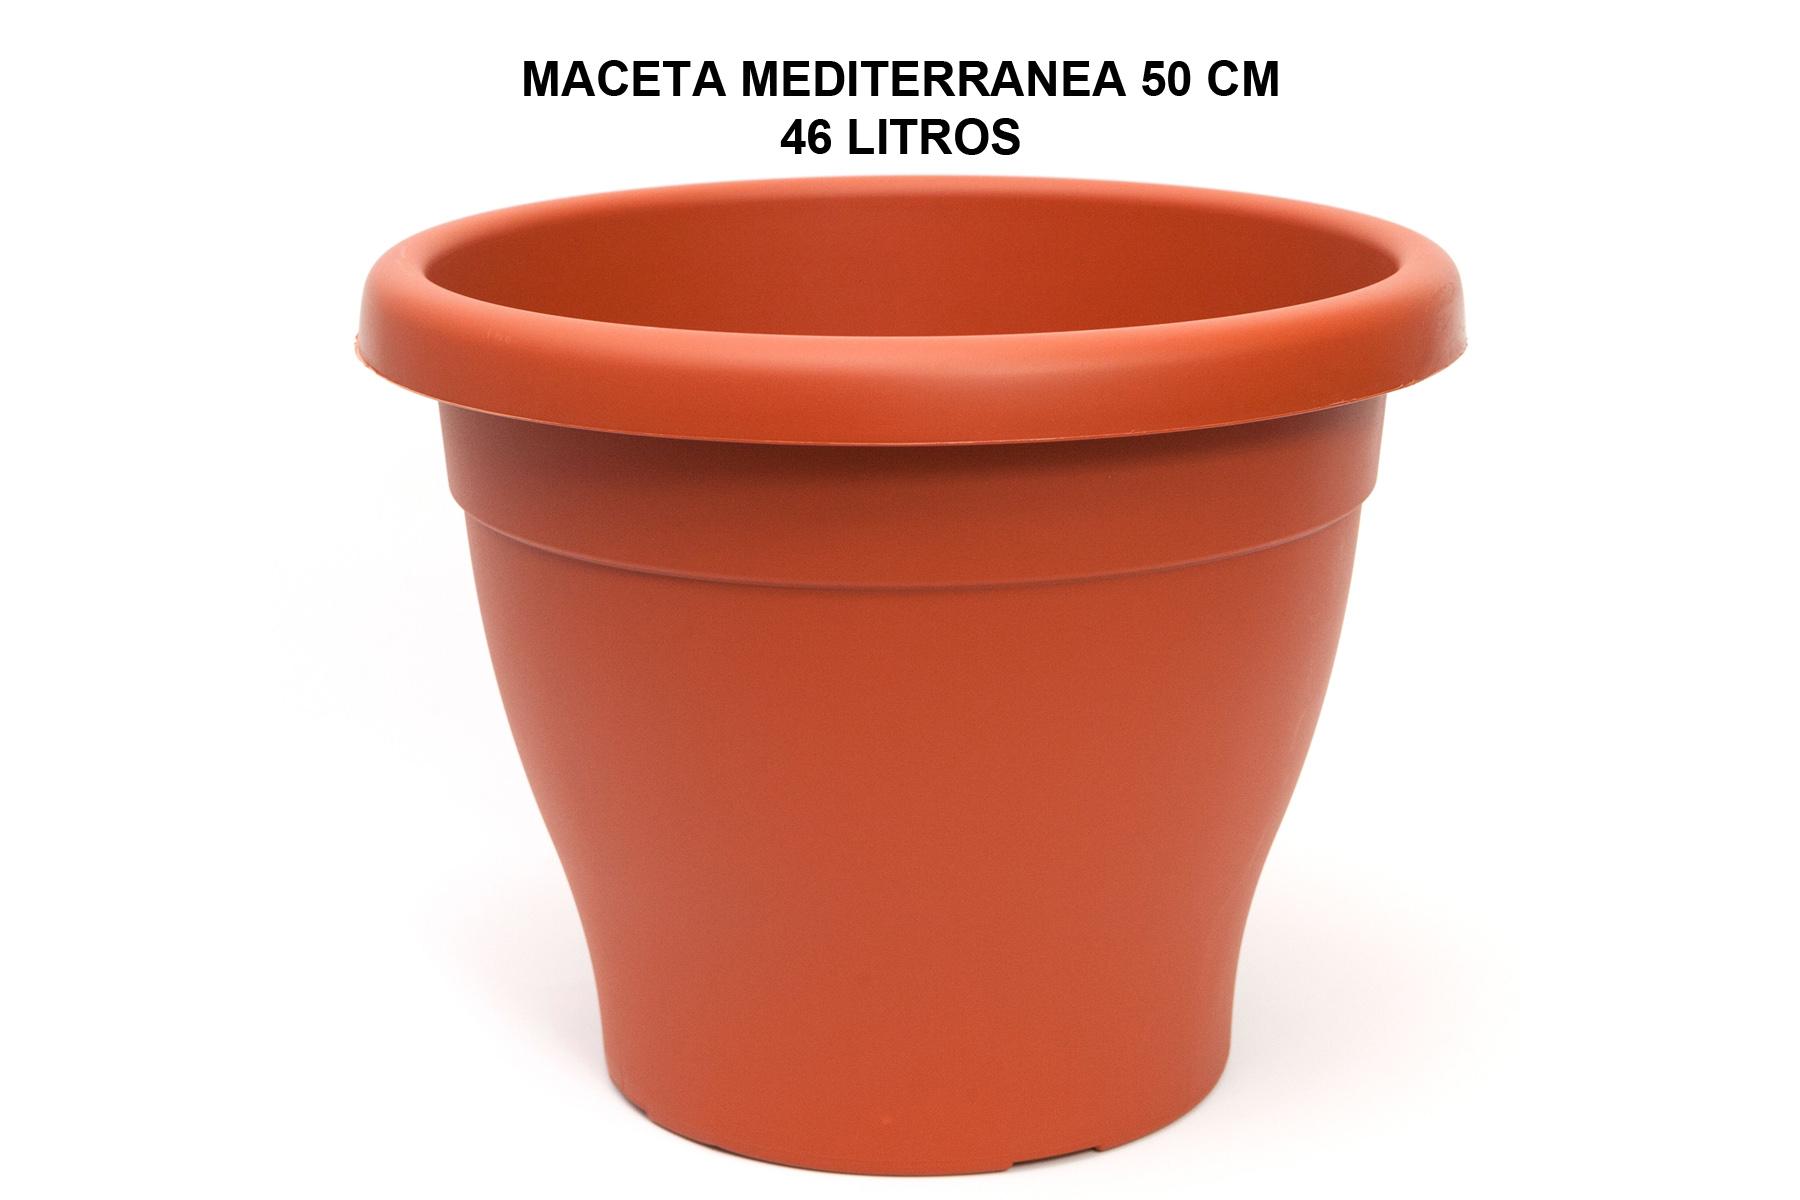 MACETA MEDITERRANEA 50 CM P